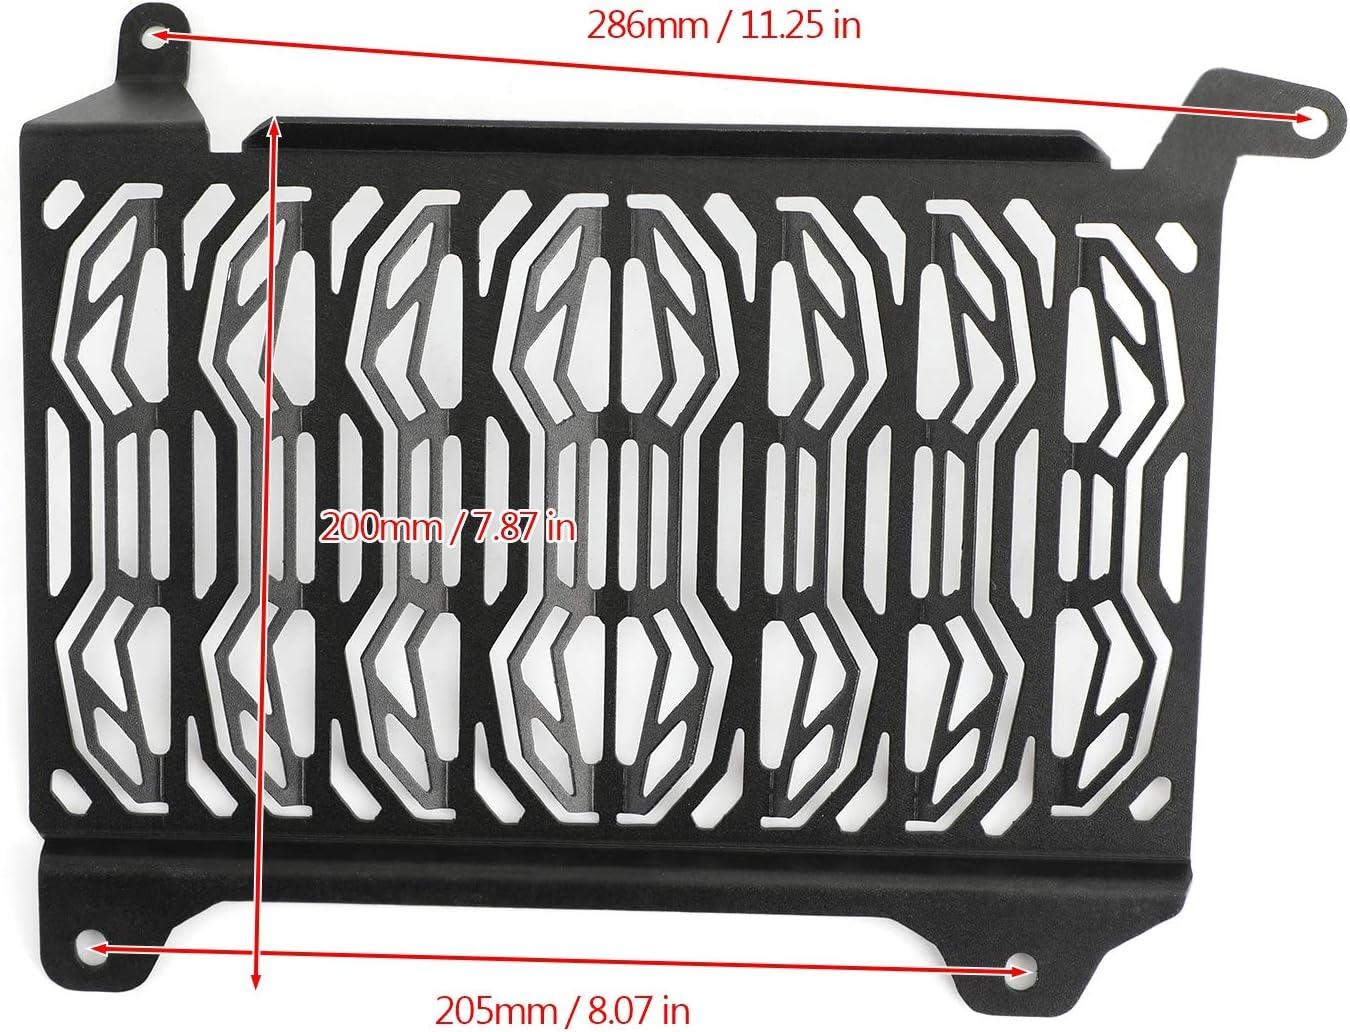 copertura protettiva per H-O-N-D-A CB500X CB 500 X 2019 Copertura per radiatore moto protezione radiatore Artudatech